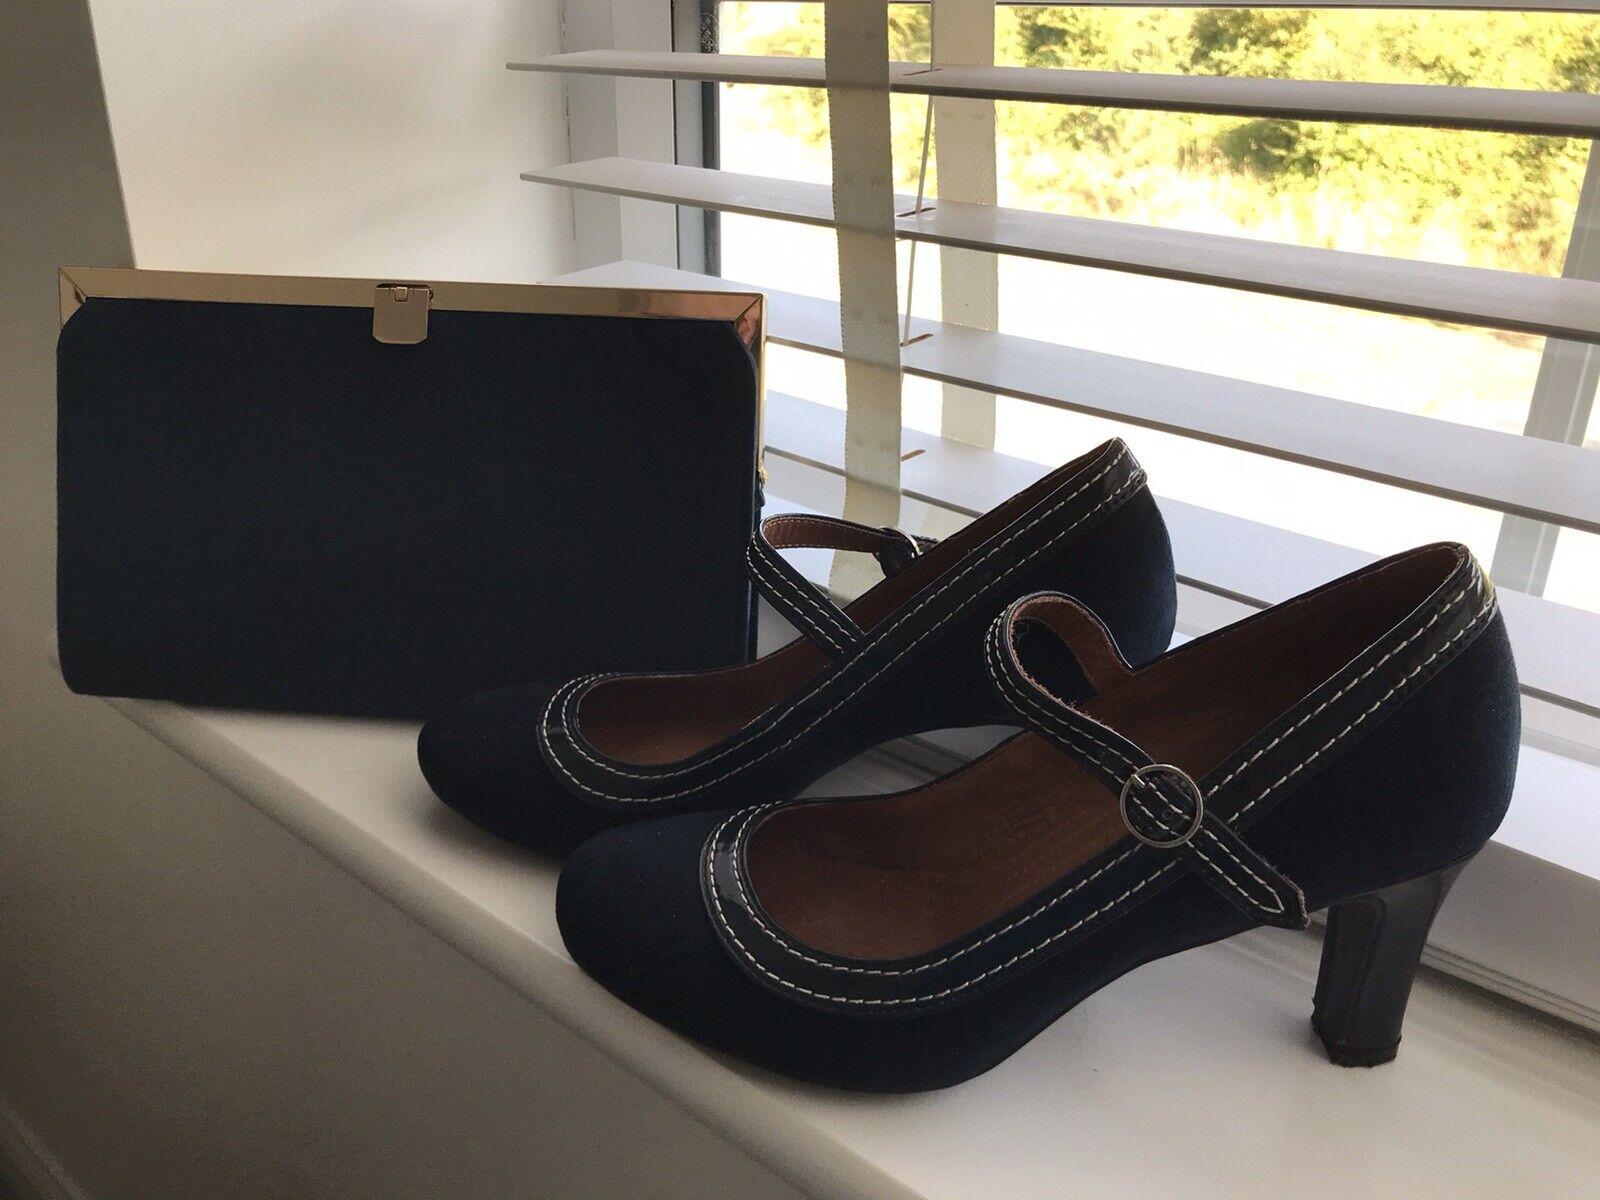 Navy Shoes and Coordinating handbag